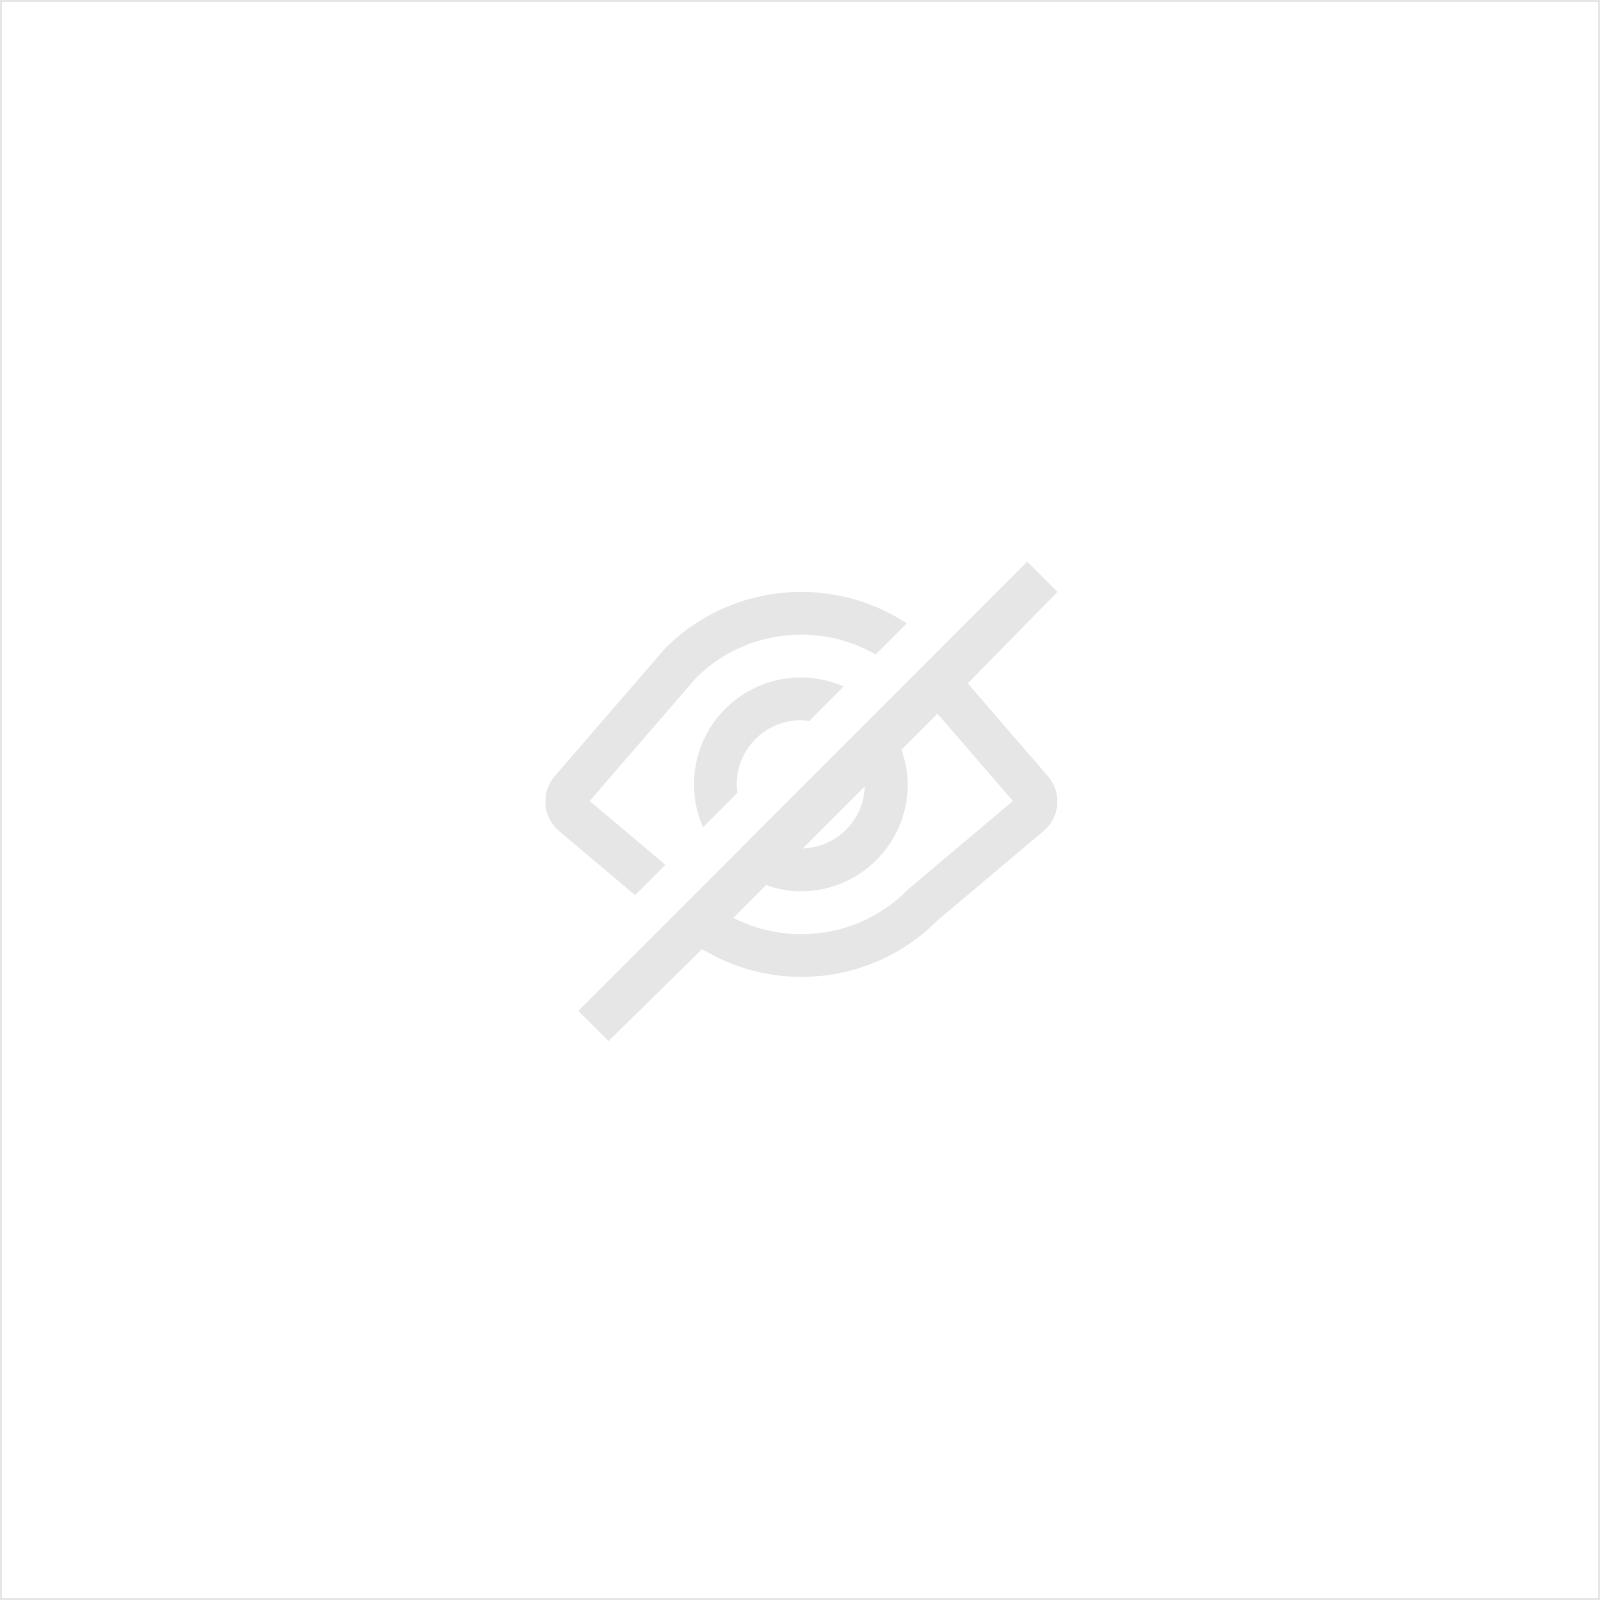 MOLETTE OPTIONNELLE - 140° HEM ROLL STEP - POUR BORDEUSE MOULUREUSE